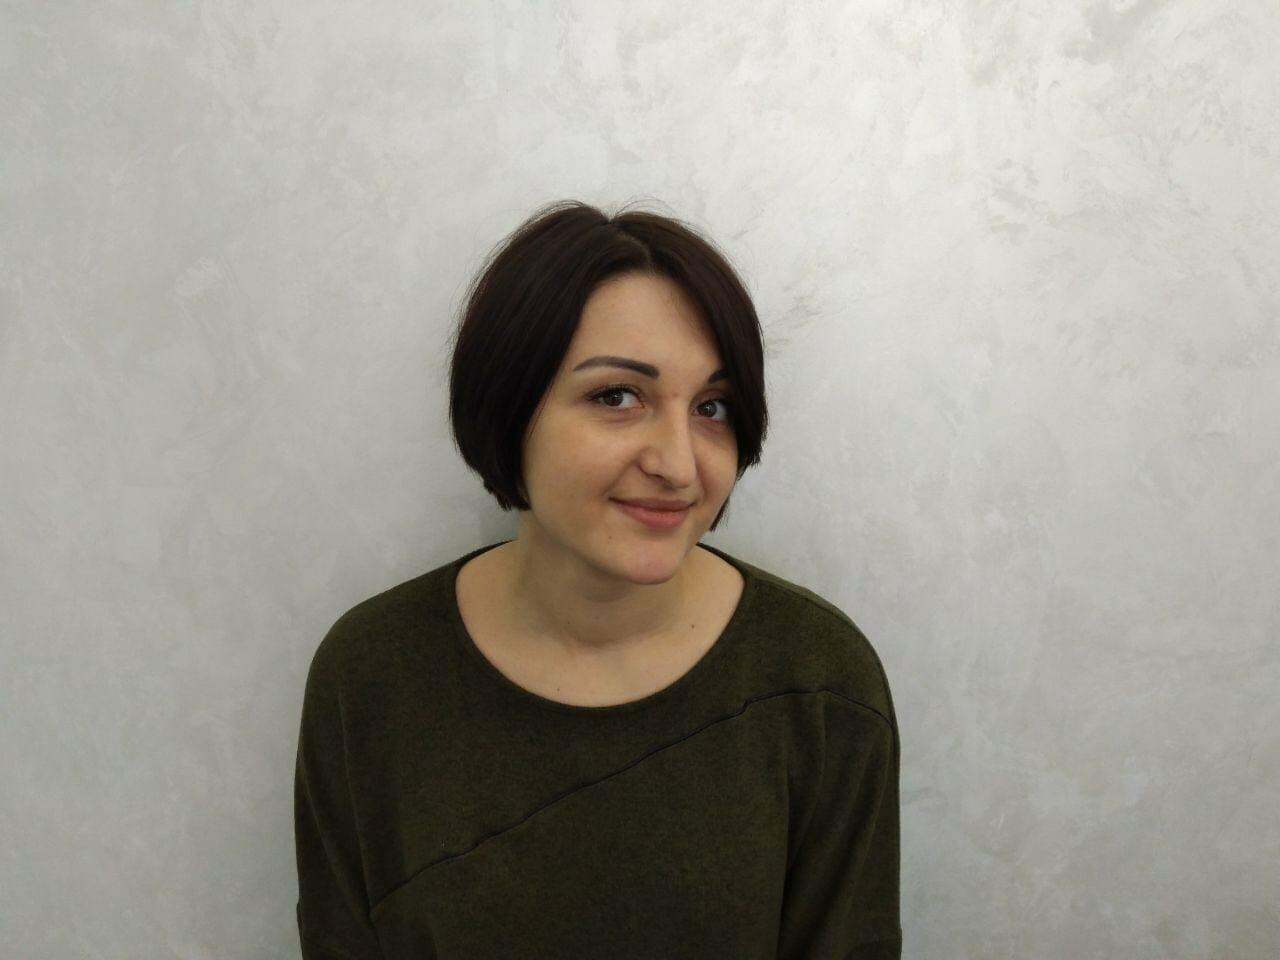 Iva Kozlovskaya